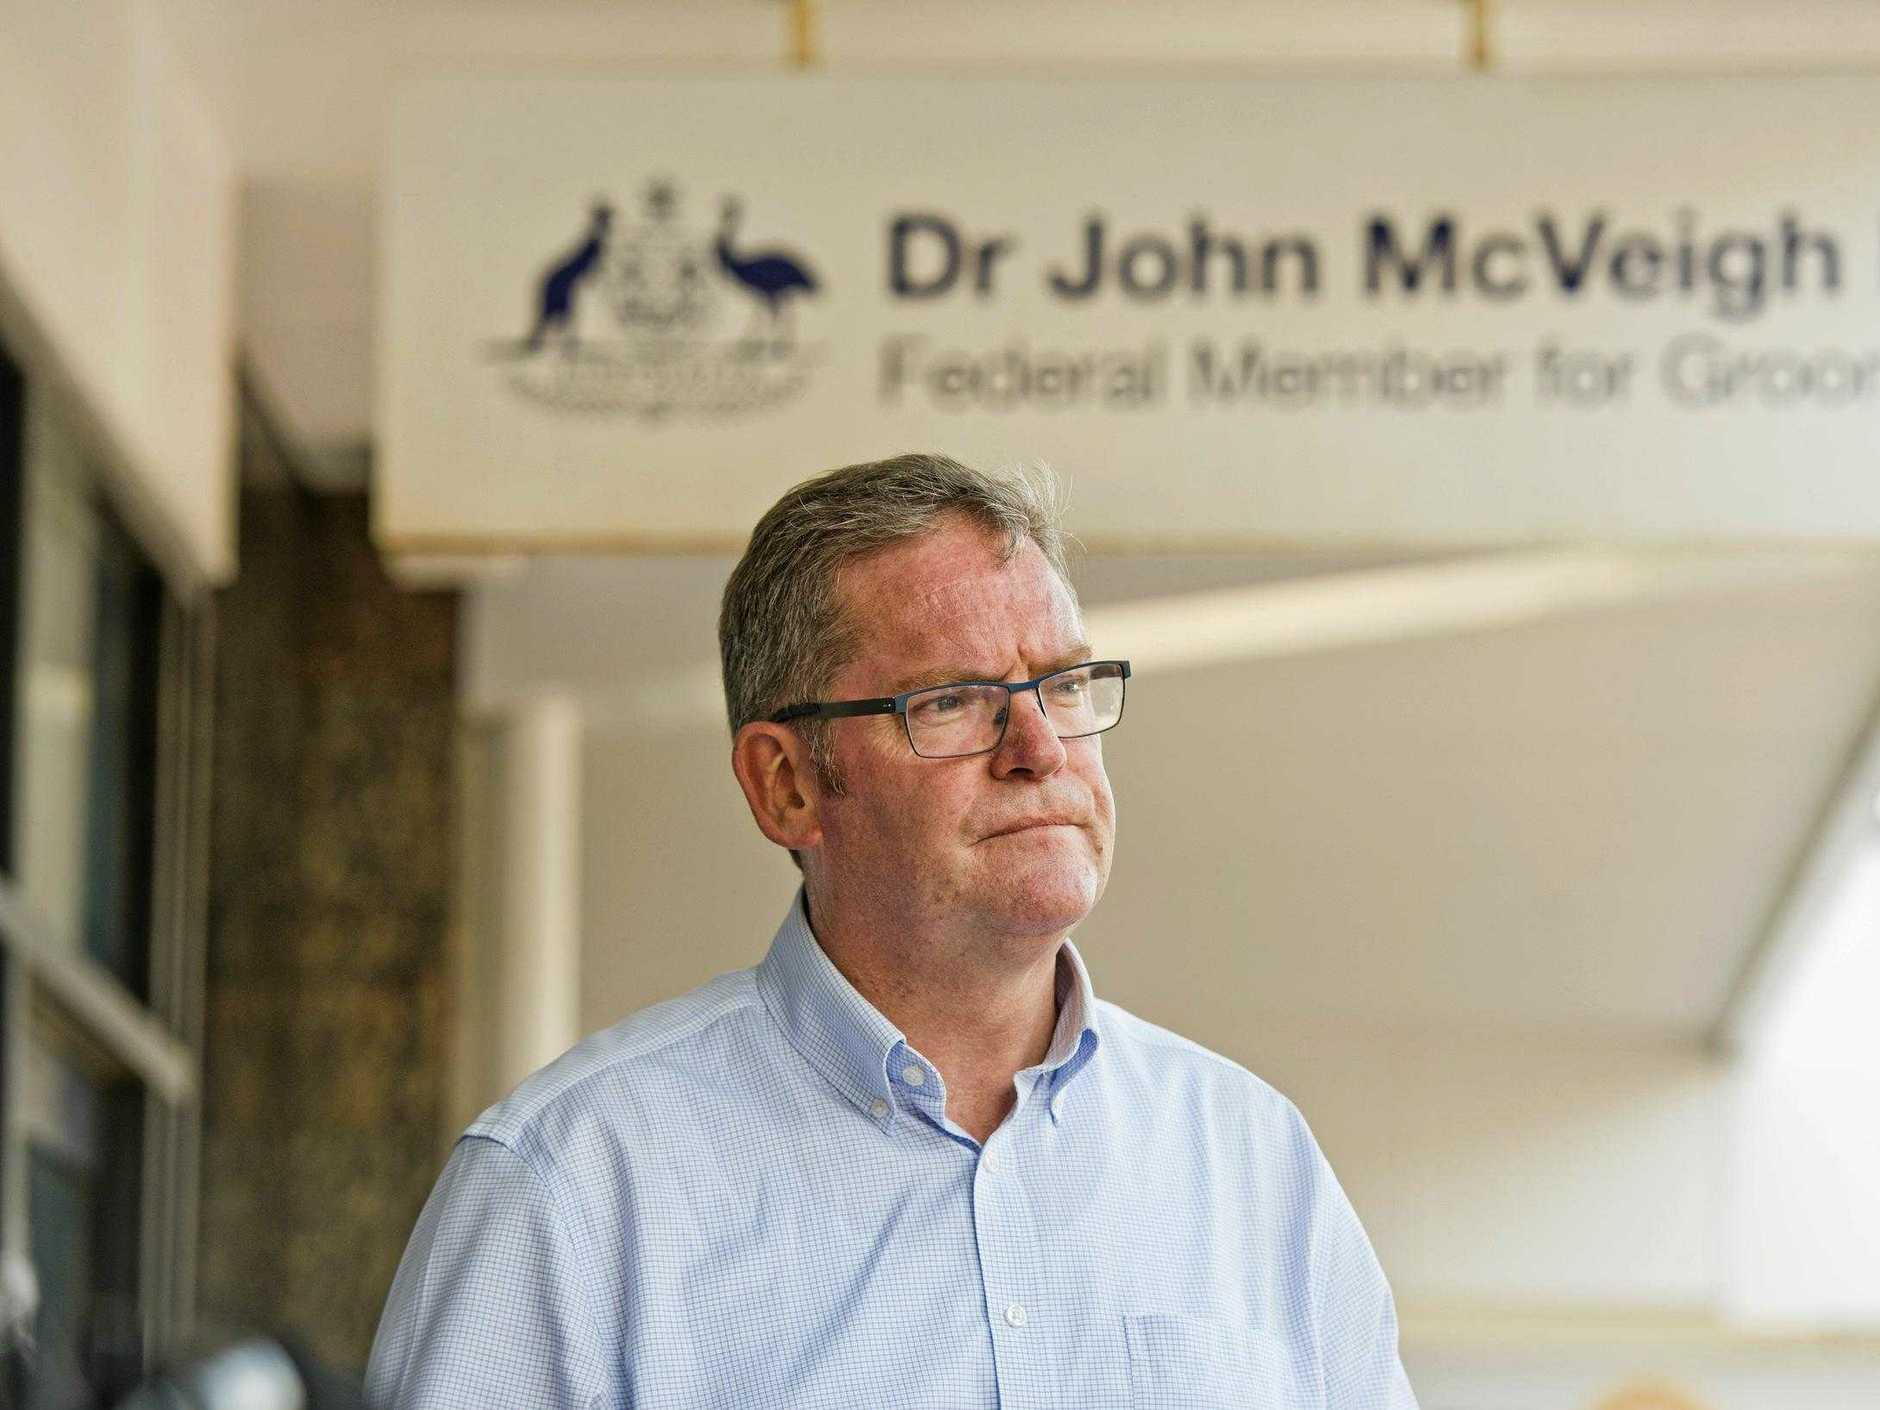 Dr John McVeigh MP, Federal Member for Groom.